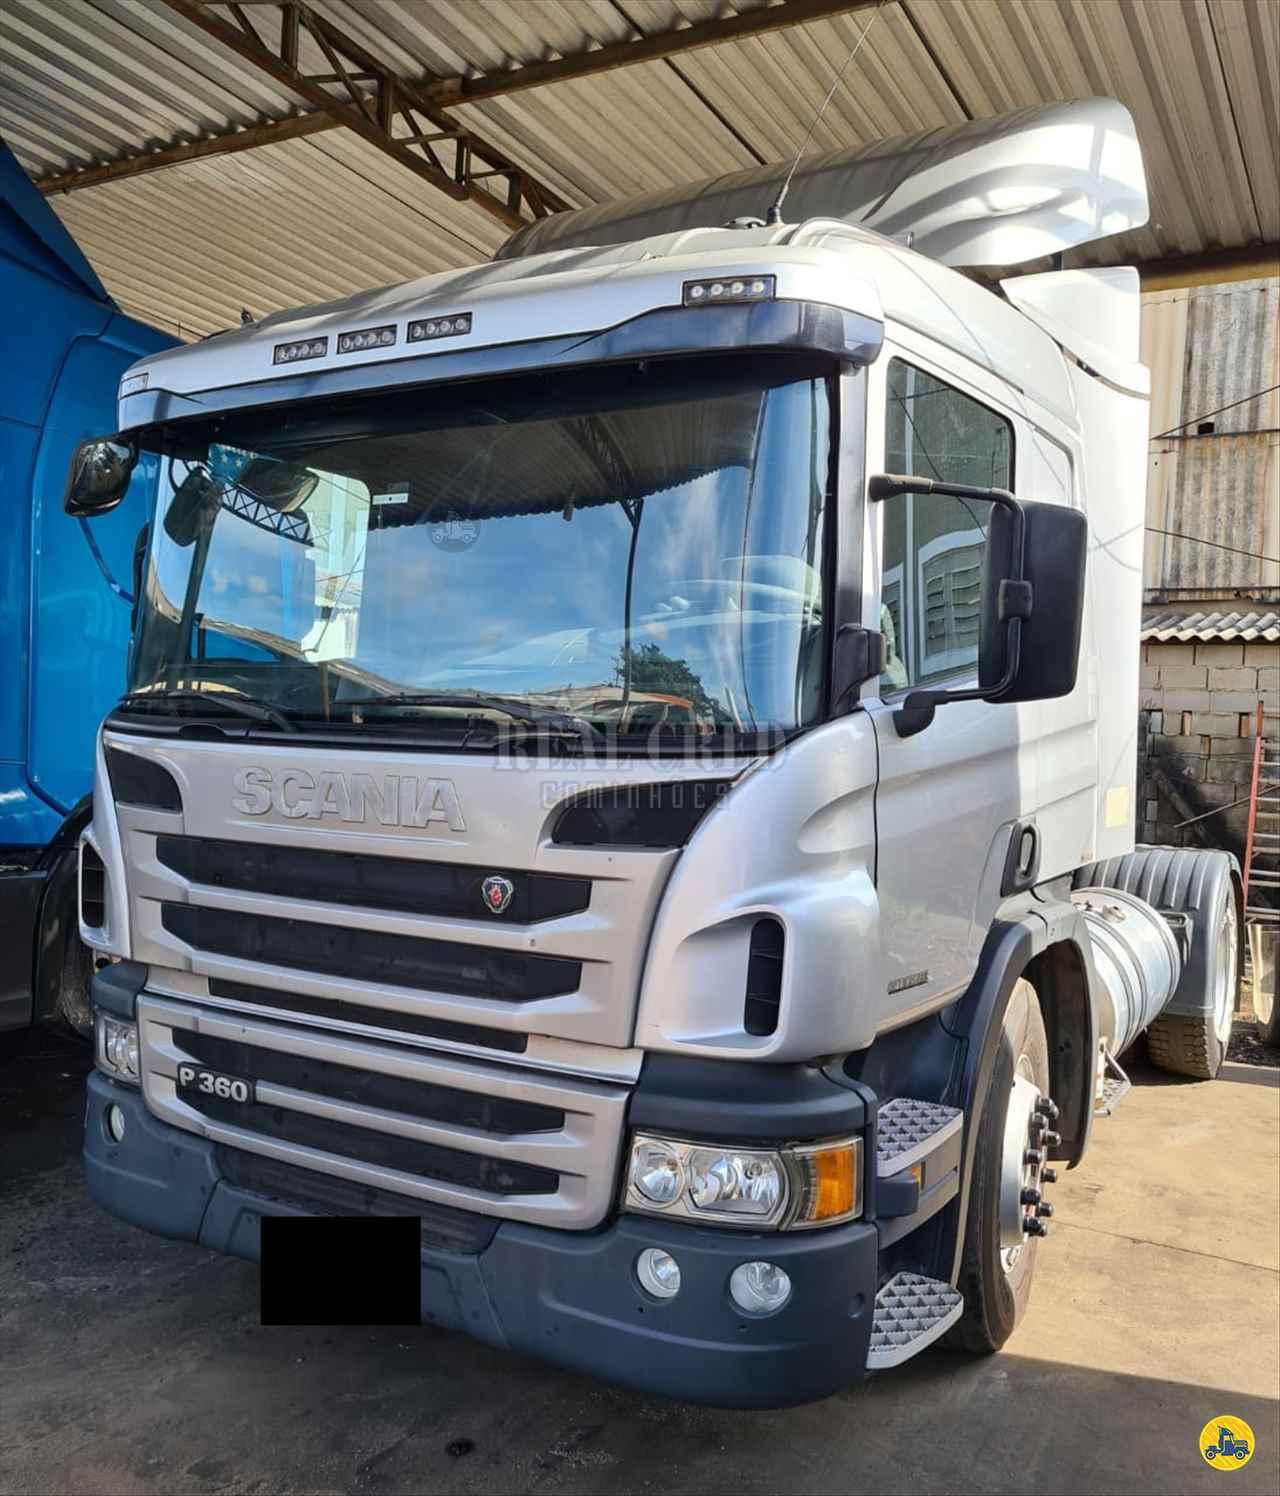 CAMINHAO SCANIA SCANIA P360 Cavalo Mecânico Toco 4x2 Real Cred Caminhões PIEDADE SÃO PAULO SP